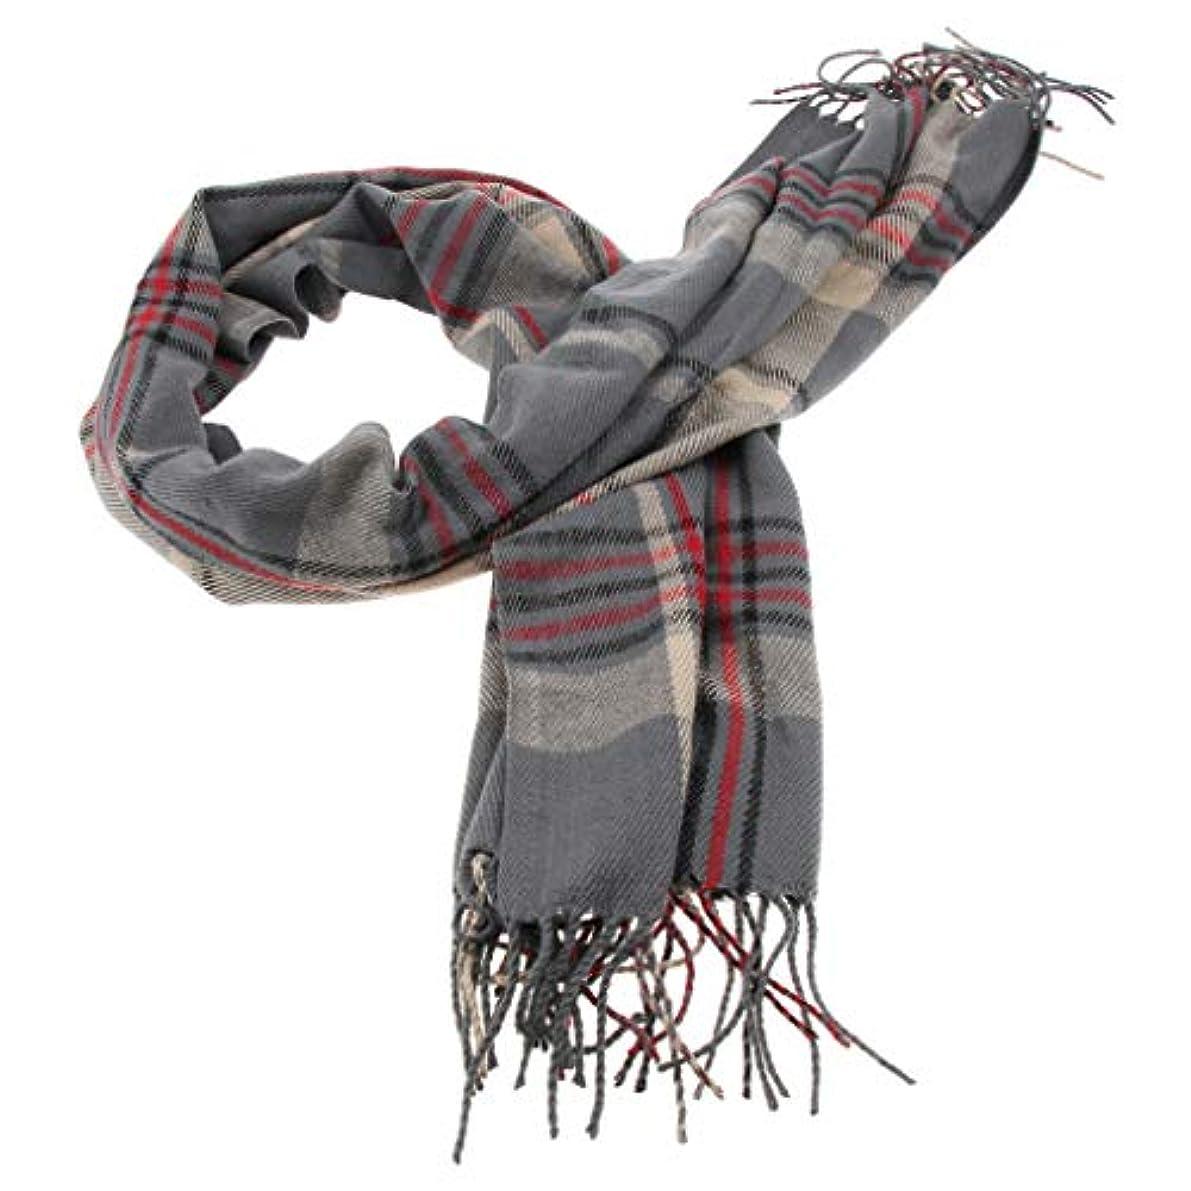 ウォーターフロントベギンキャメルB Baosity 古典的 スカーフ ショール チェック柄 ボタン フリンジ付き レディース 冷房対策 保暖 全4色